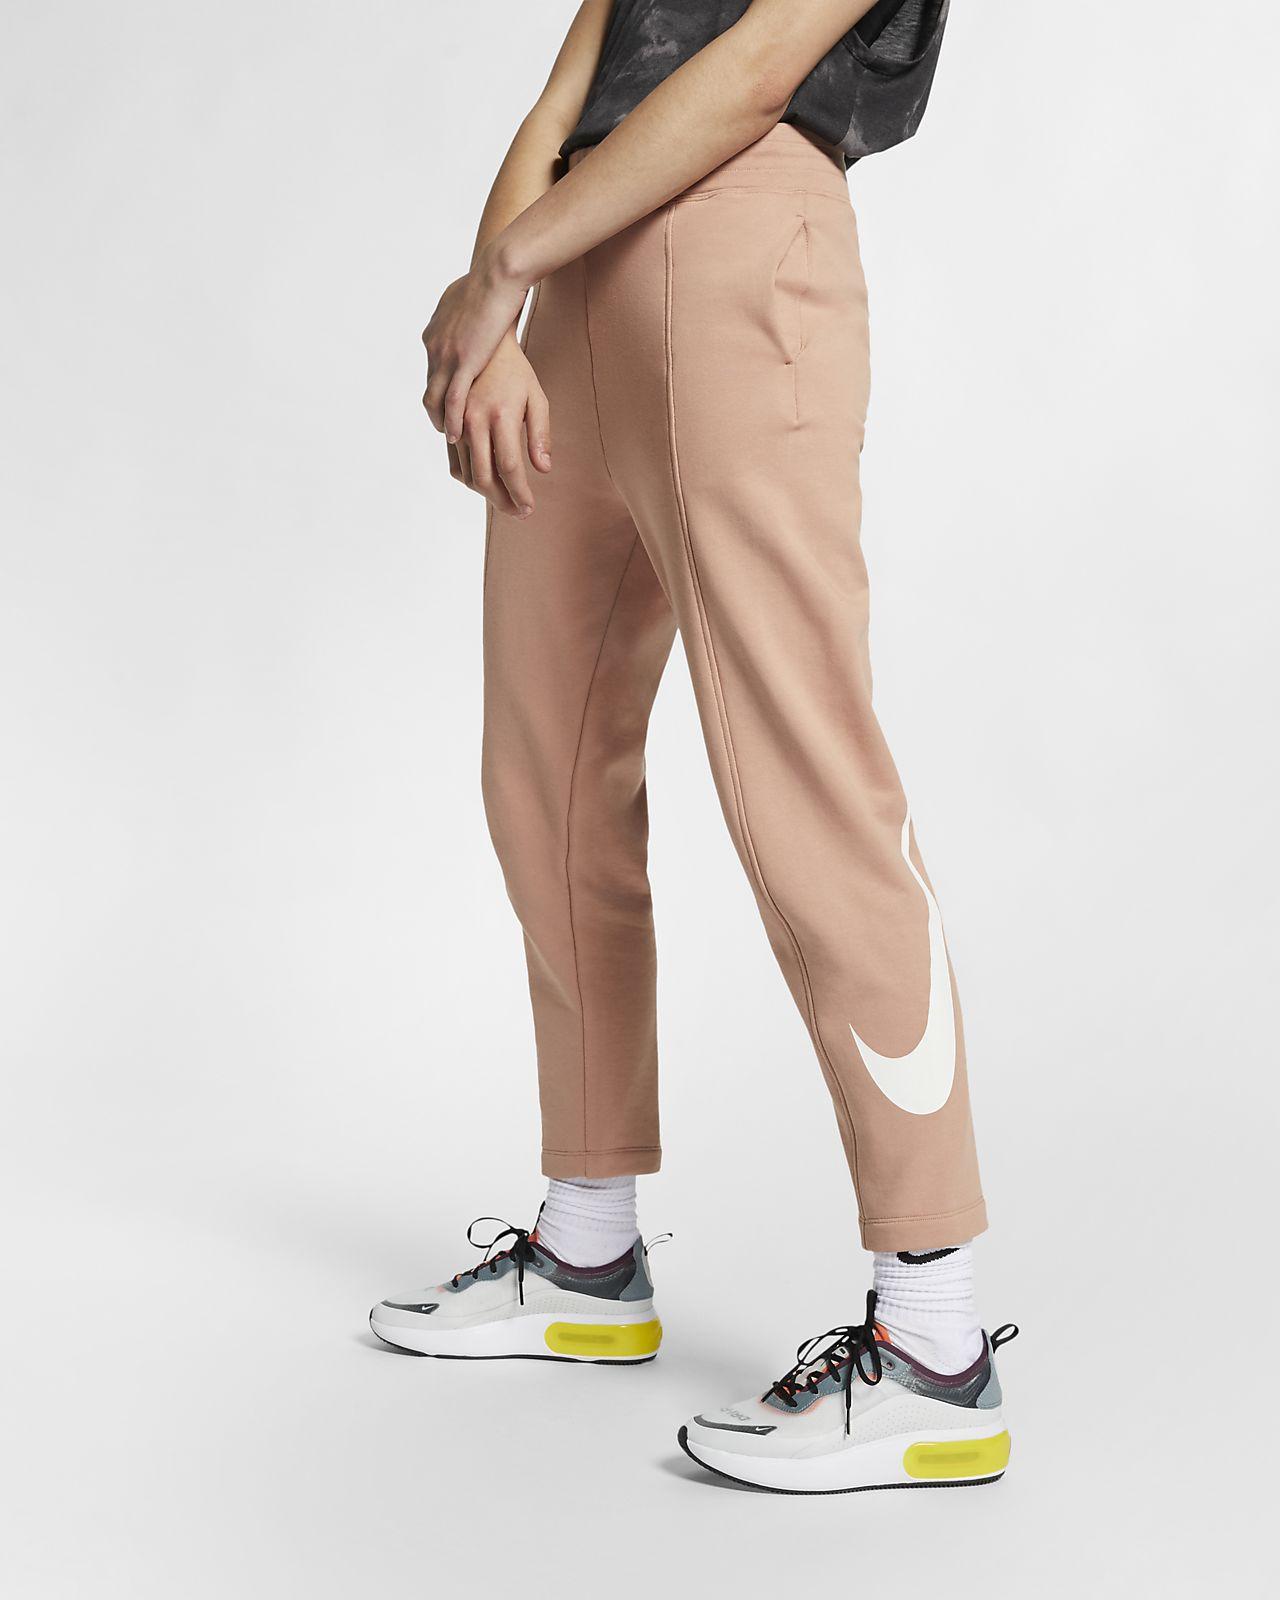 Pantaloni in French Terry Nike Sportswear Swoosh